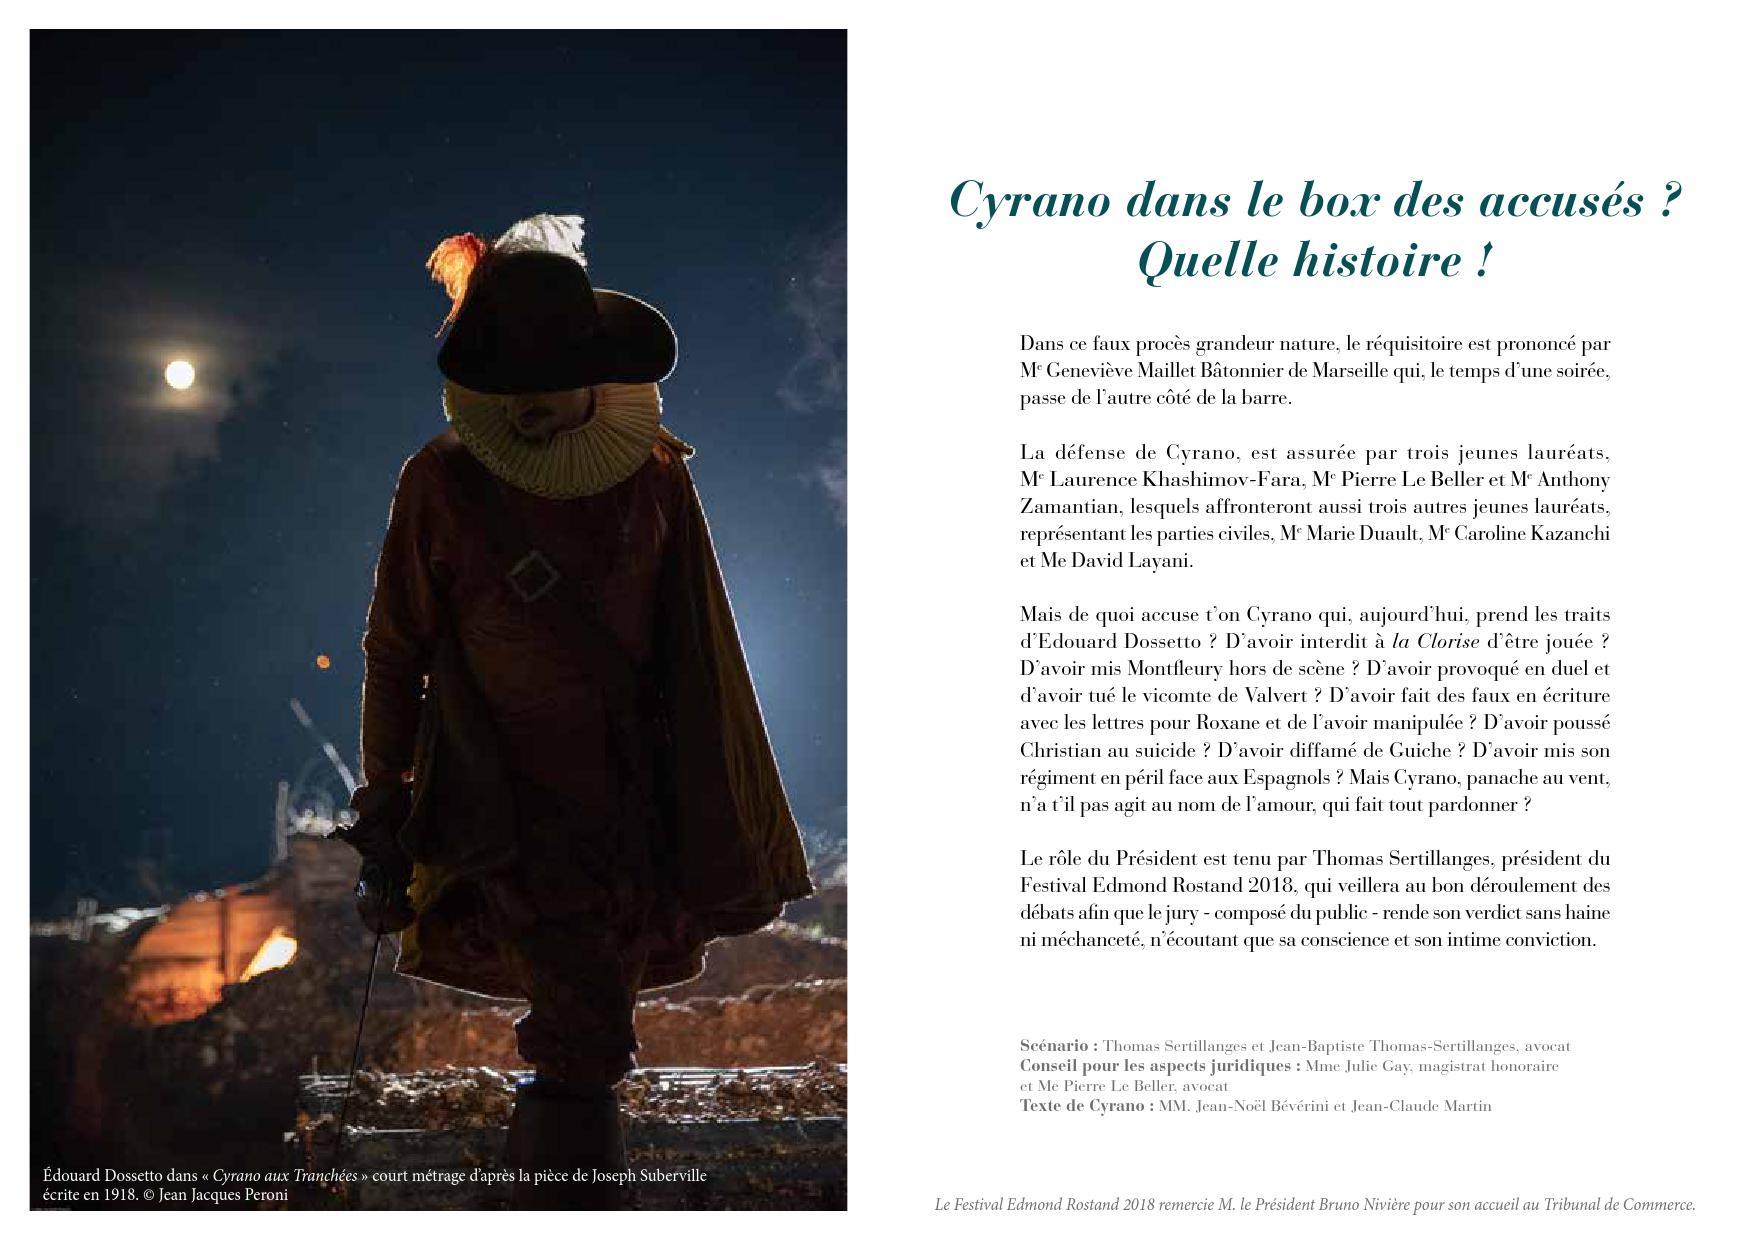 Le Faux Proces De Cyrano A Marseille Monsieur Legionnaire